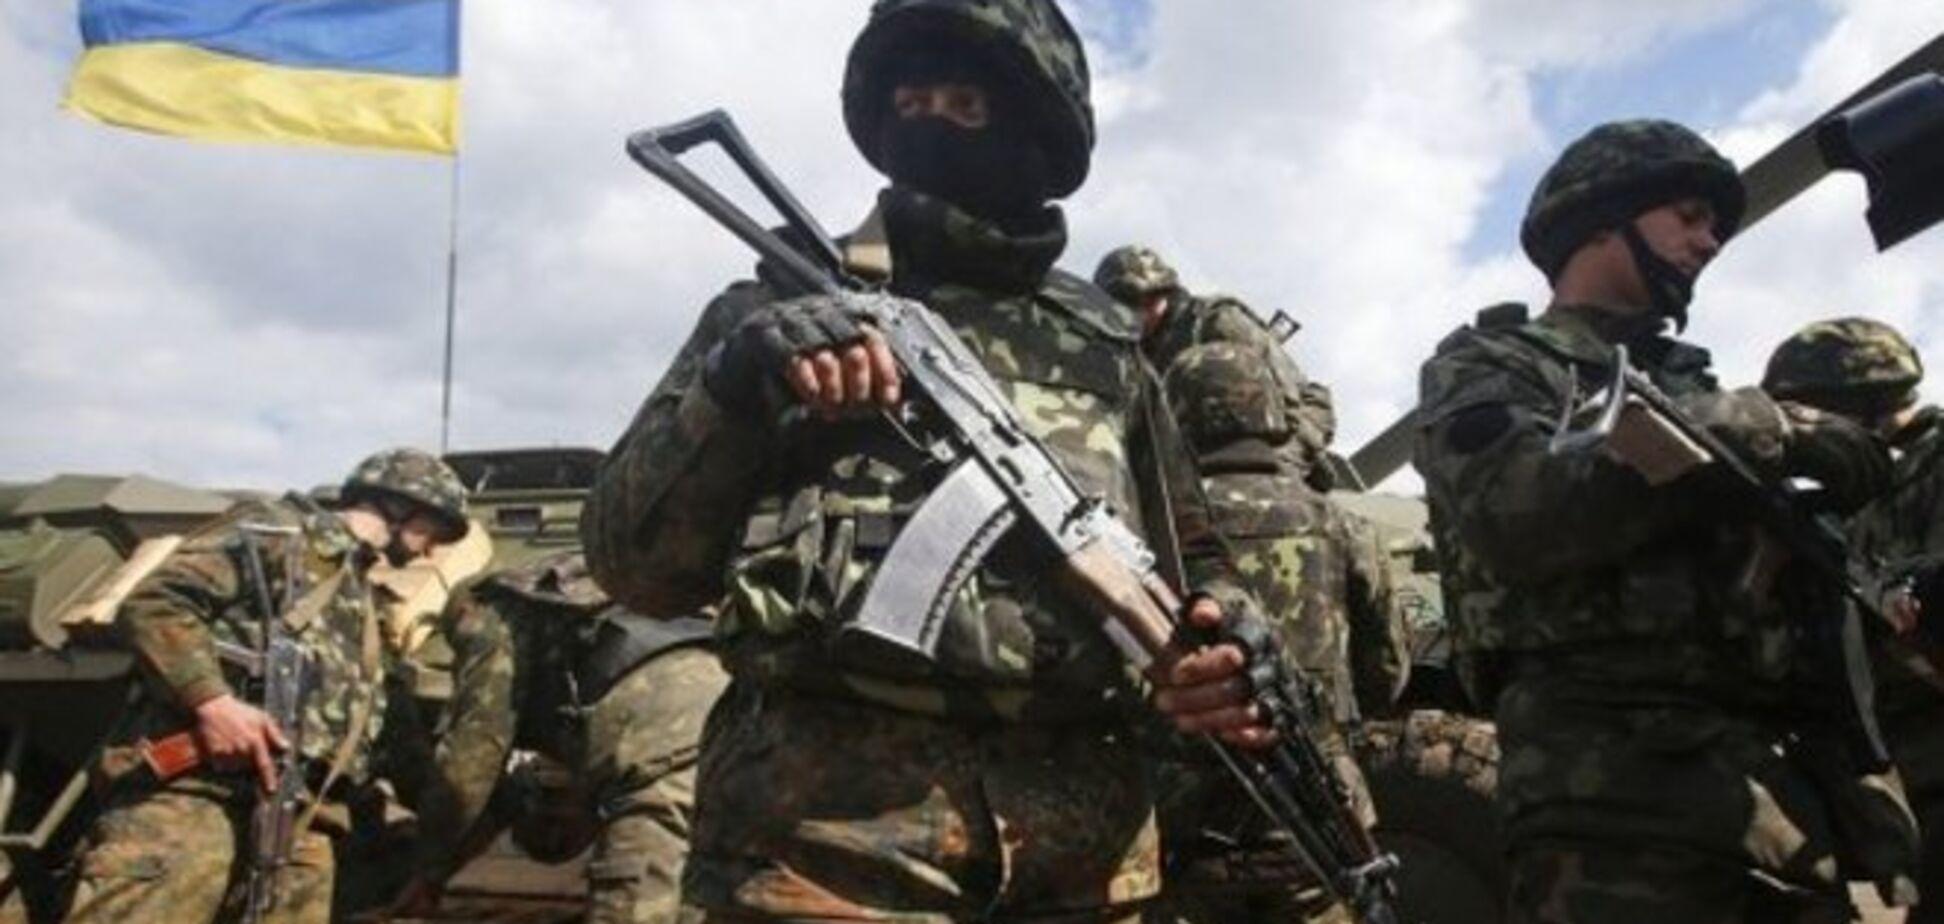 Военные попали в засаду по дороге в Славянск: один погиб, 13 ранено - ИС